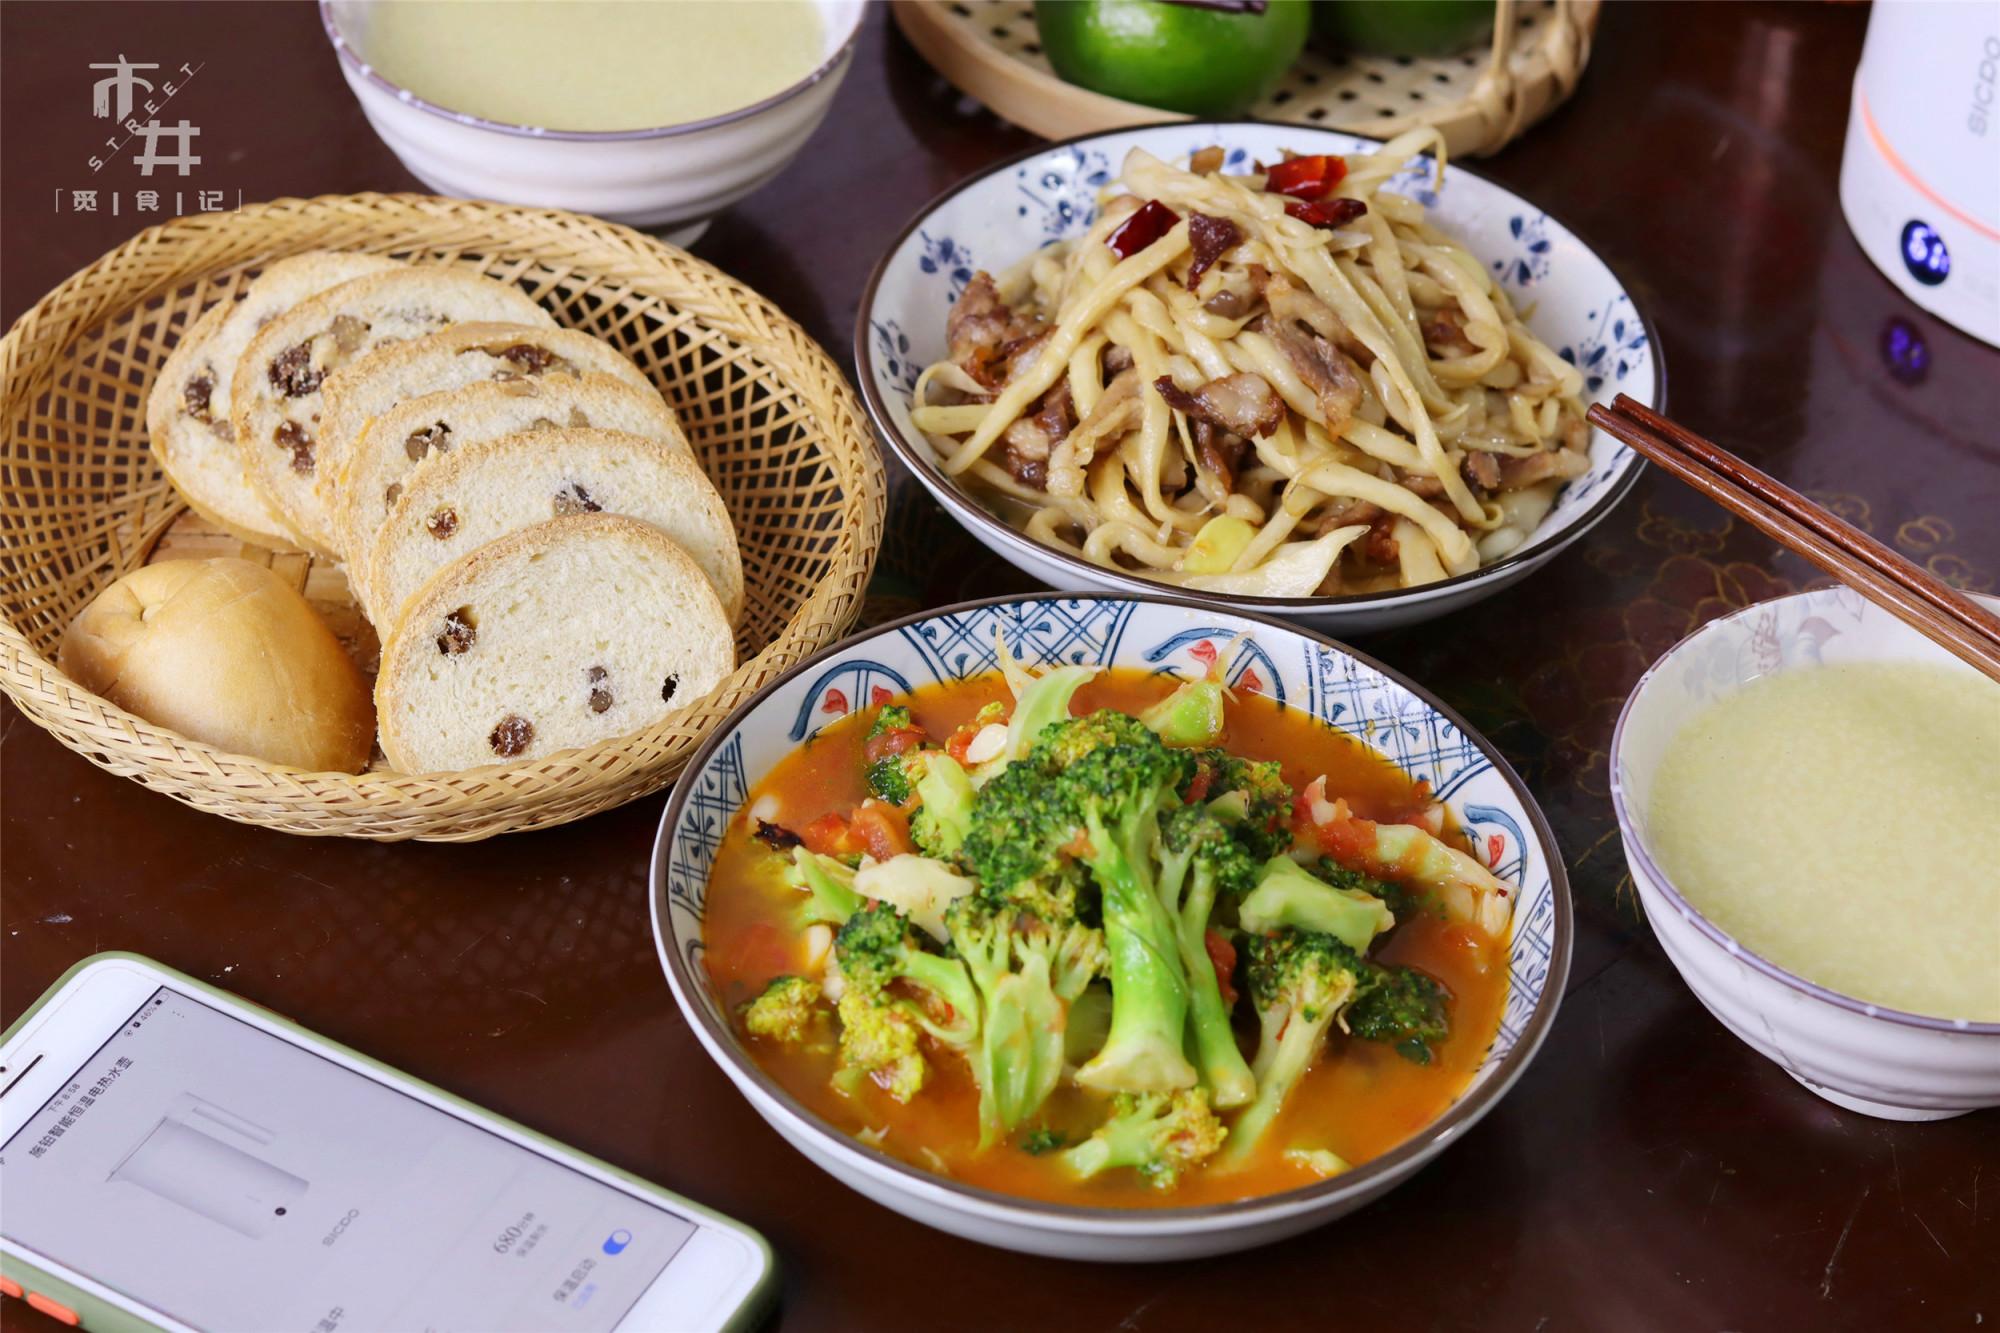 小两口的极简晚餐,2菜1汤,吃得饱饱又不浪费,省事儿 美食做法 第1张